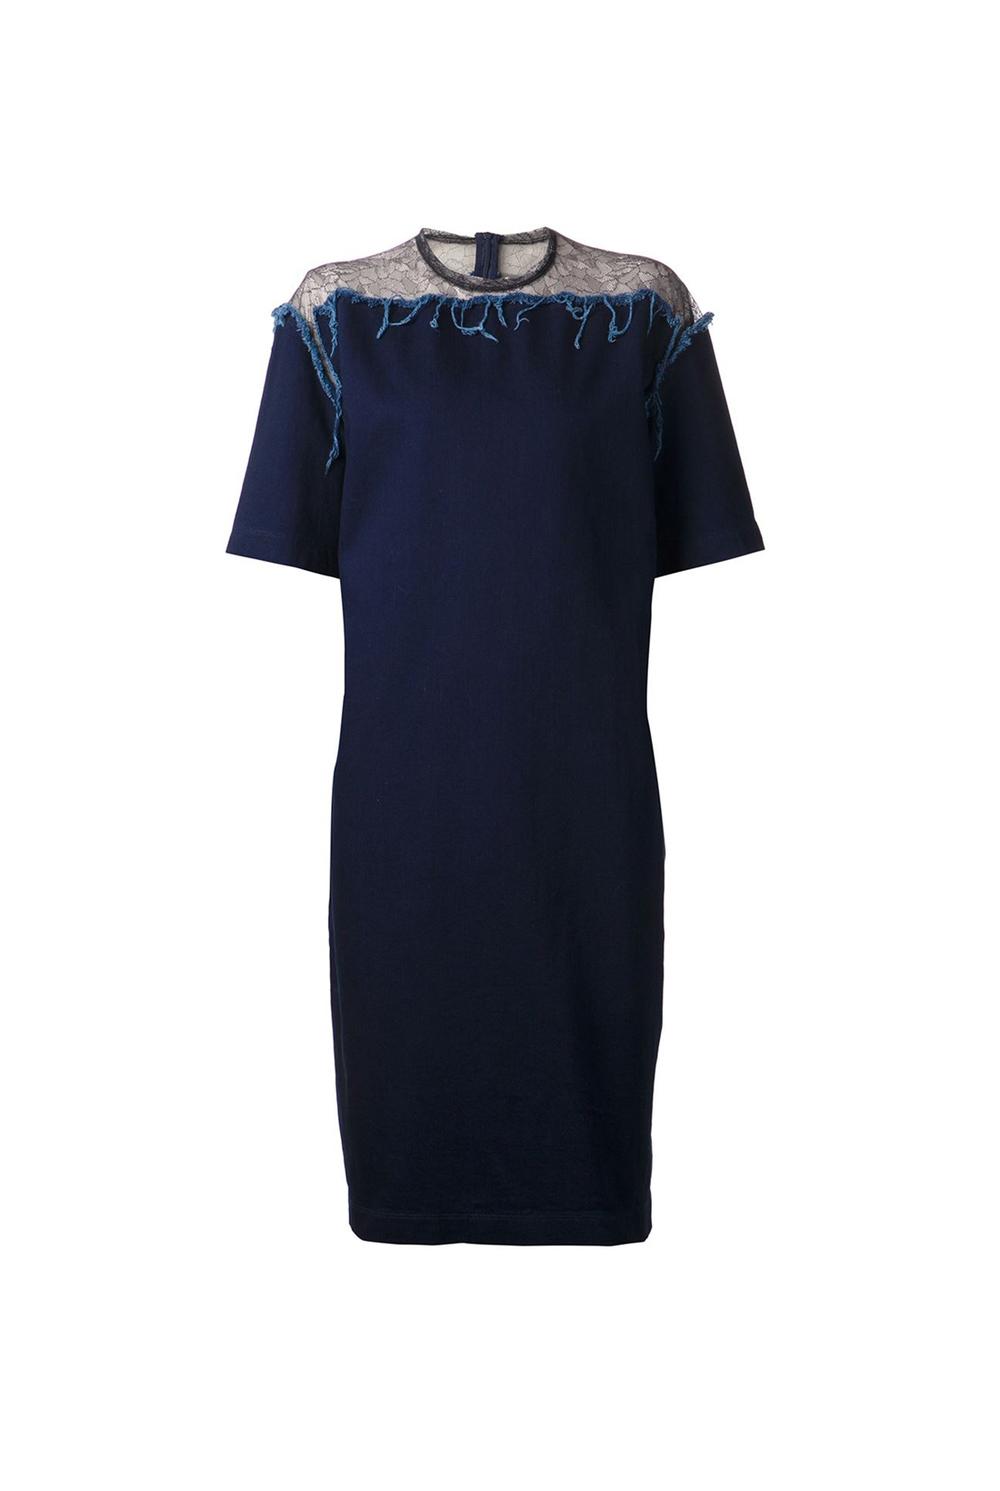 06-spring-denim-trends-dresses-02.jpg